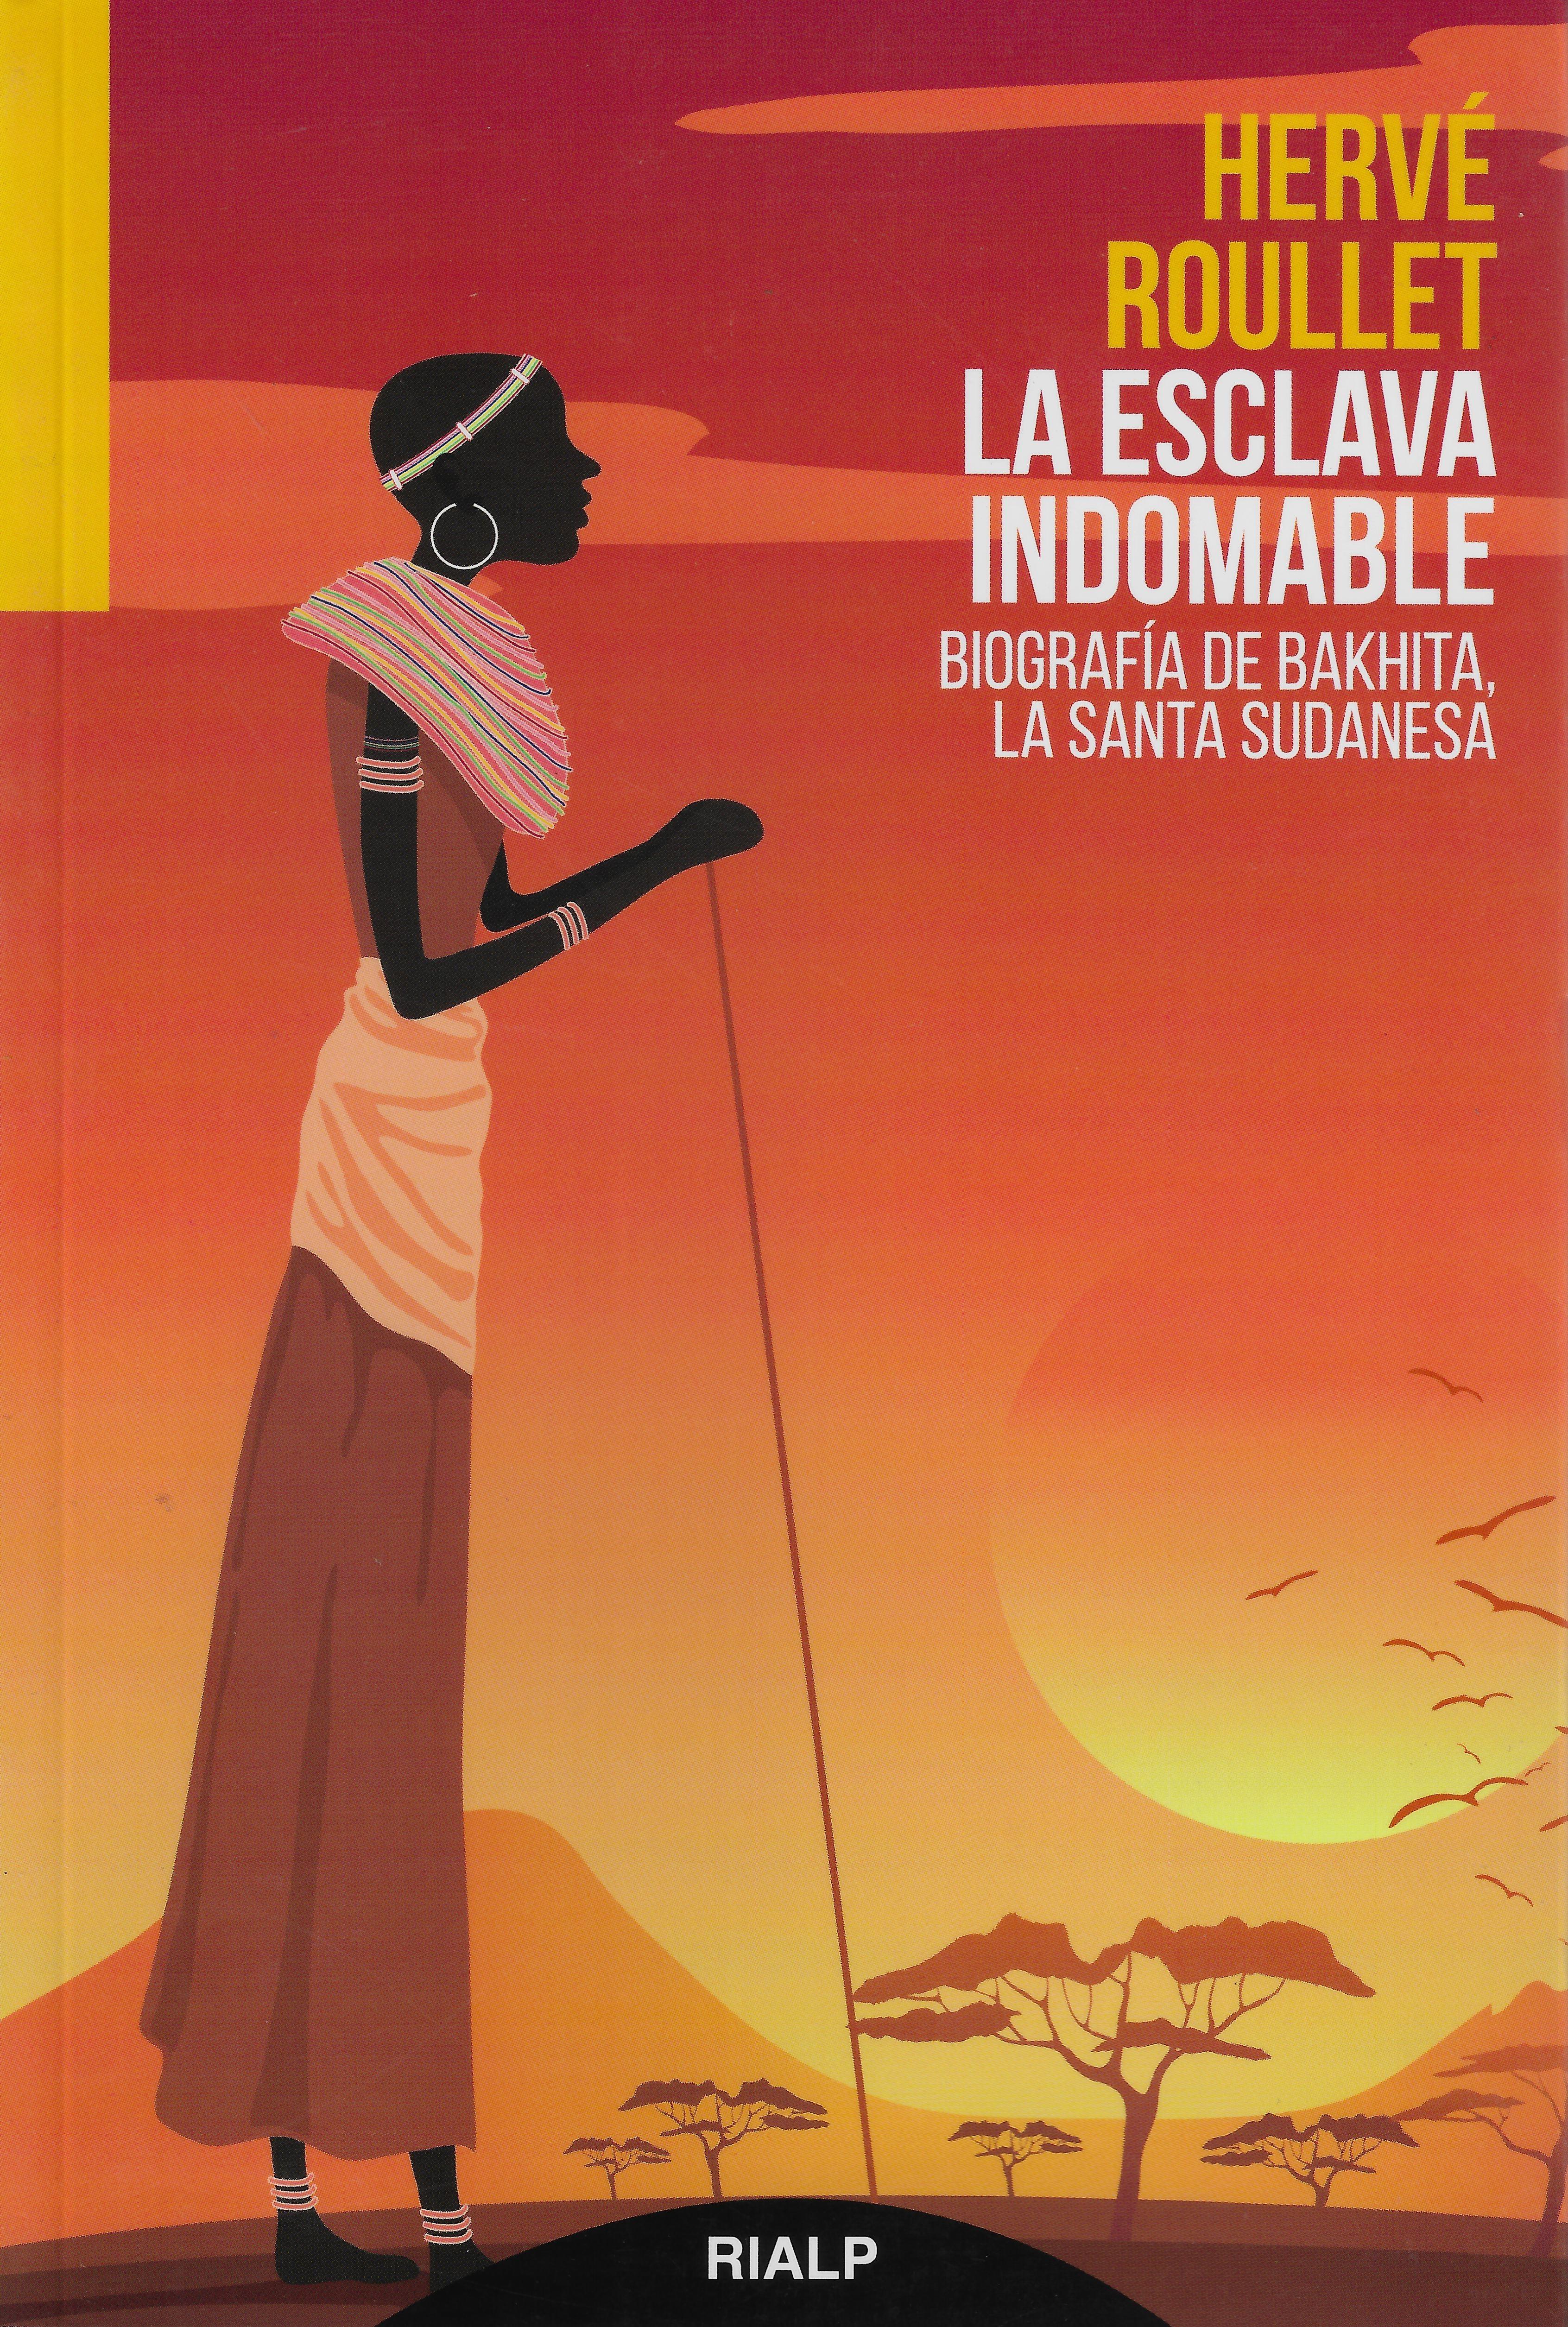 La esclava indomable. Biografía de Bakhita, la santa sudanesa